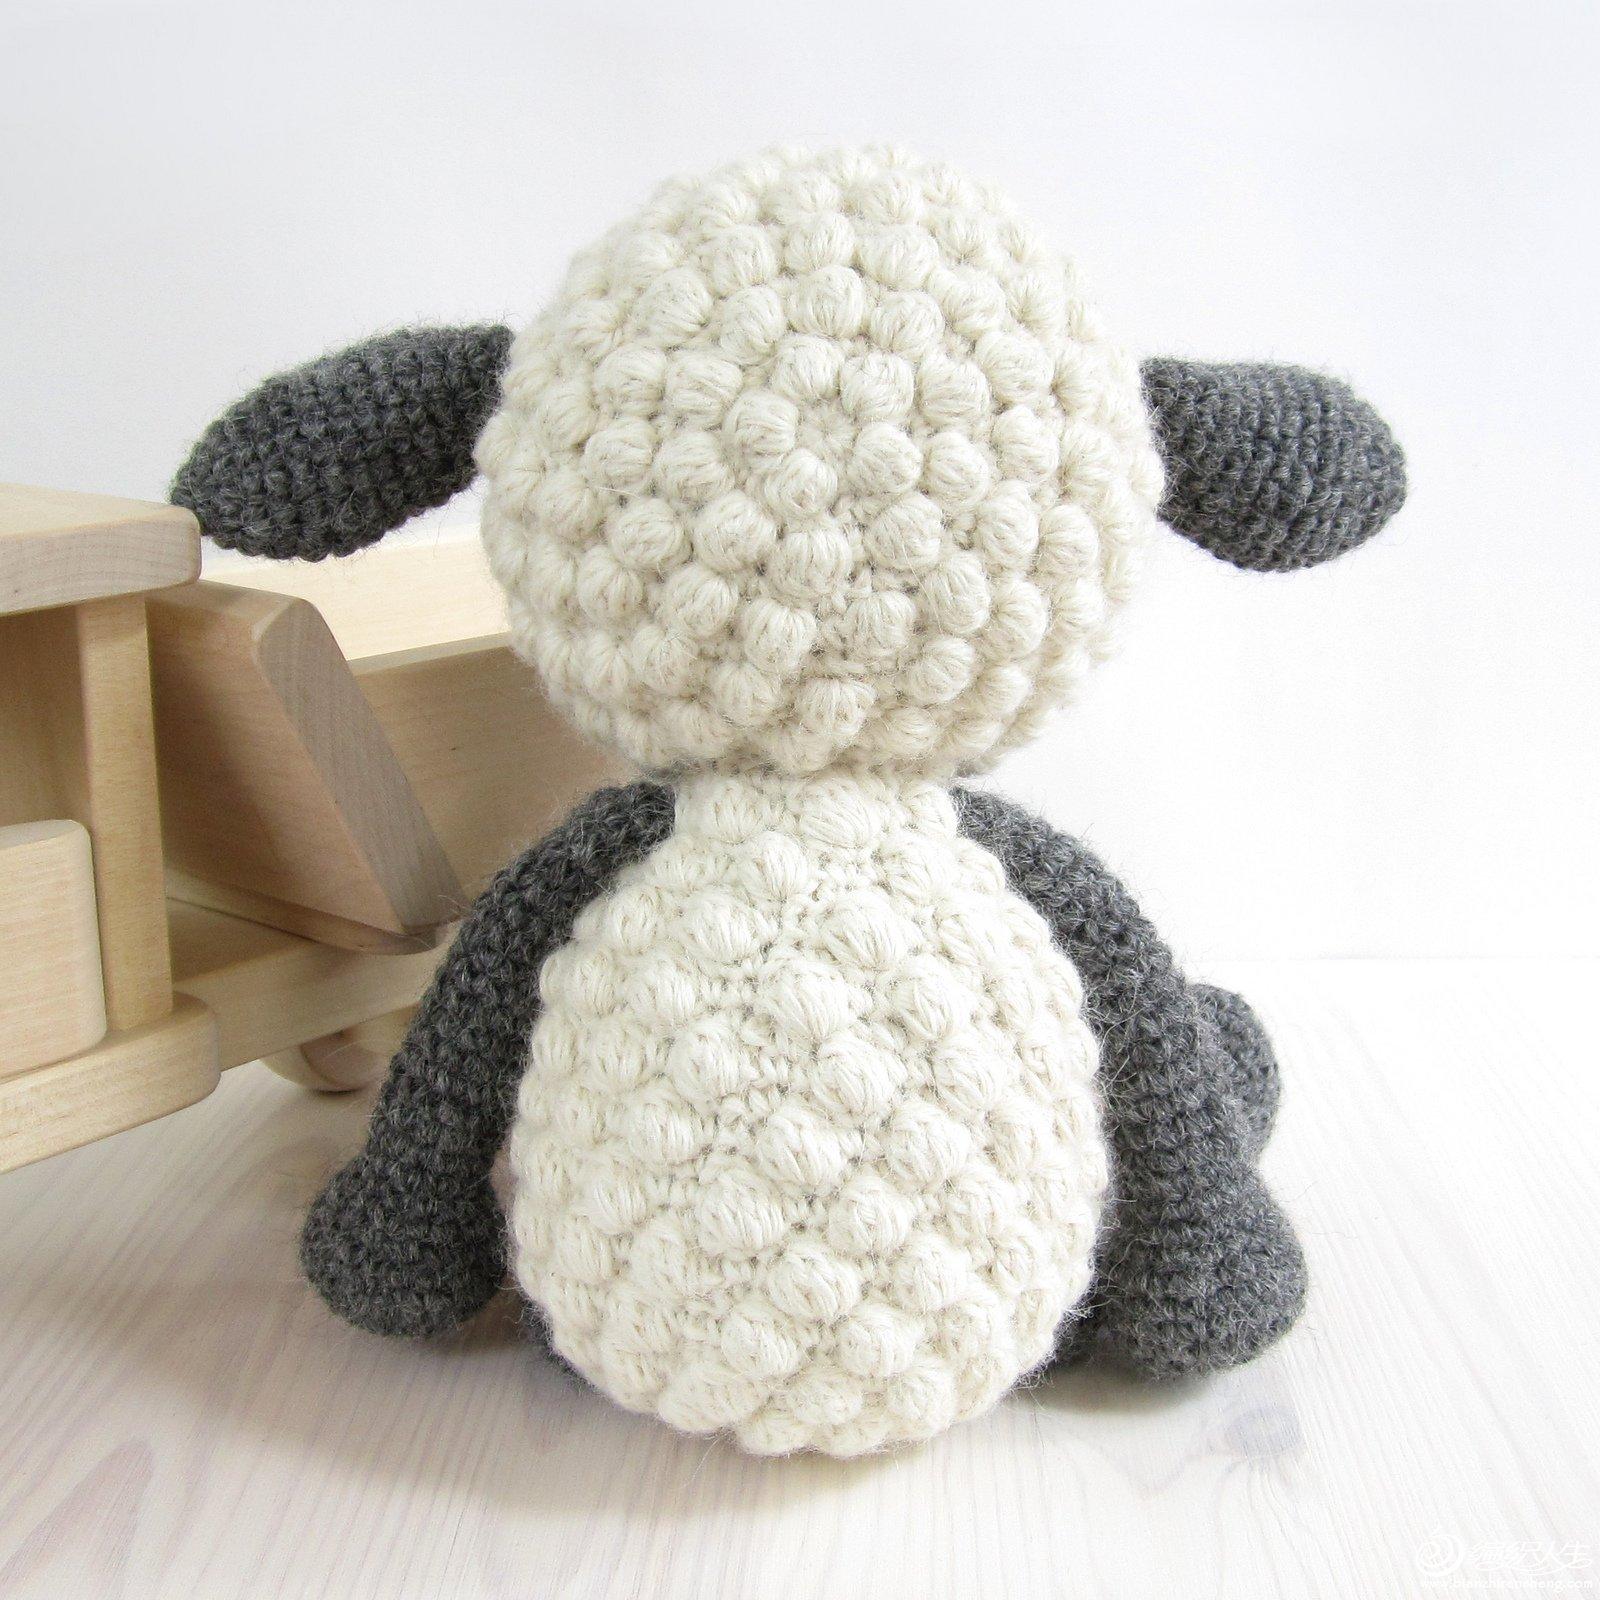 欣赏可爱钩针小羊